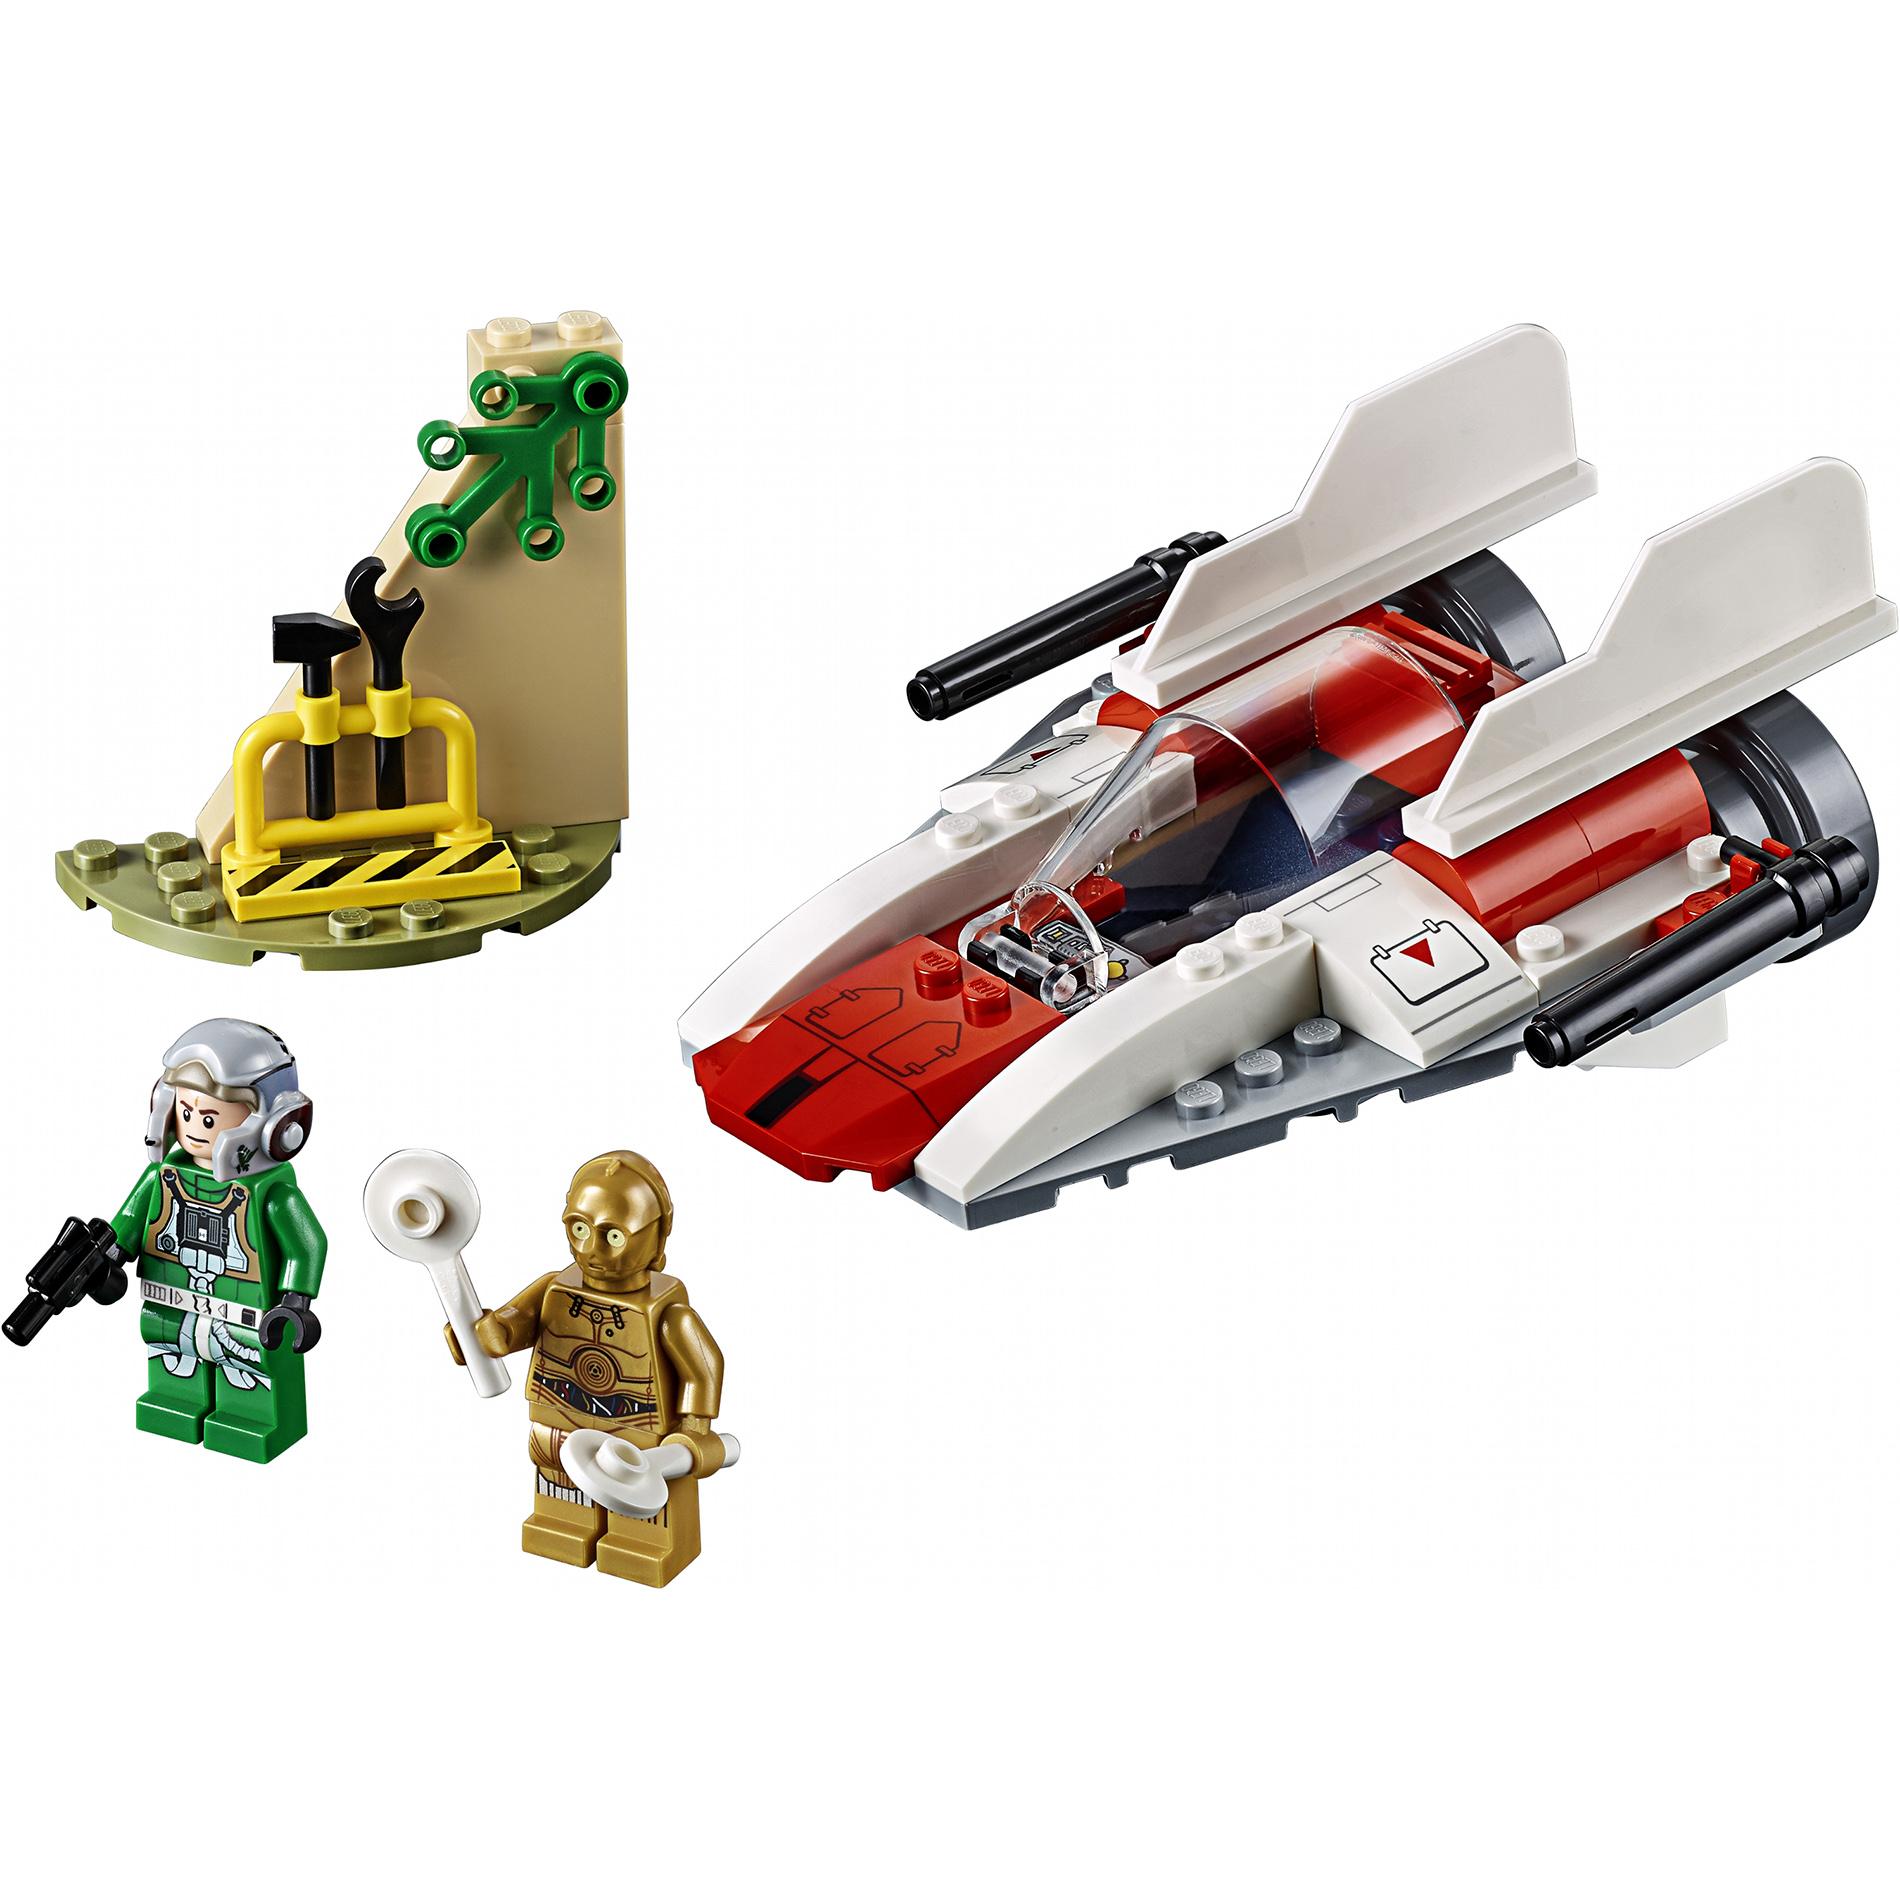 Купить Конструктор Lego Star Wars Звездный истребитель типа А 75247, пластик, для мальчиков, Конструкторы, пазлы